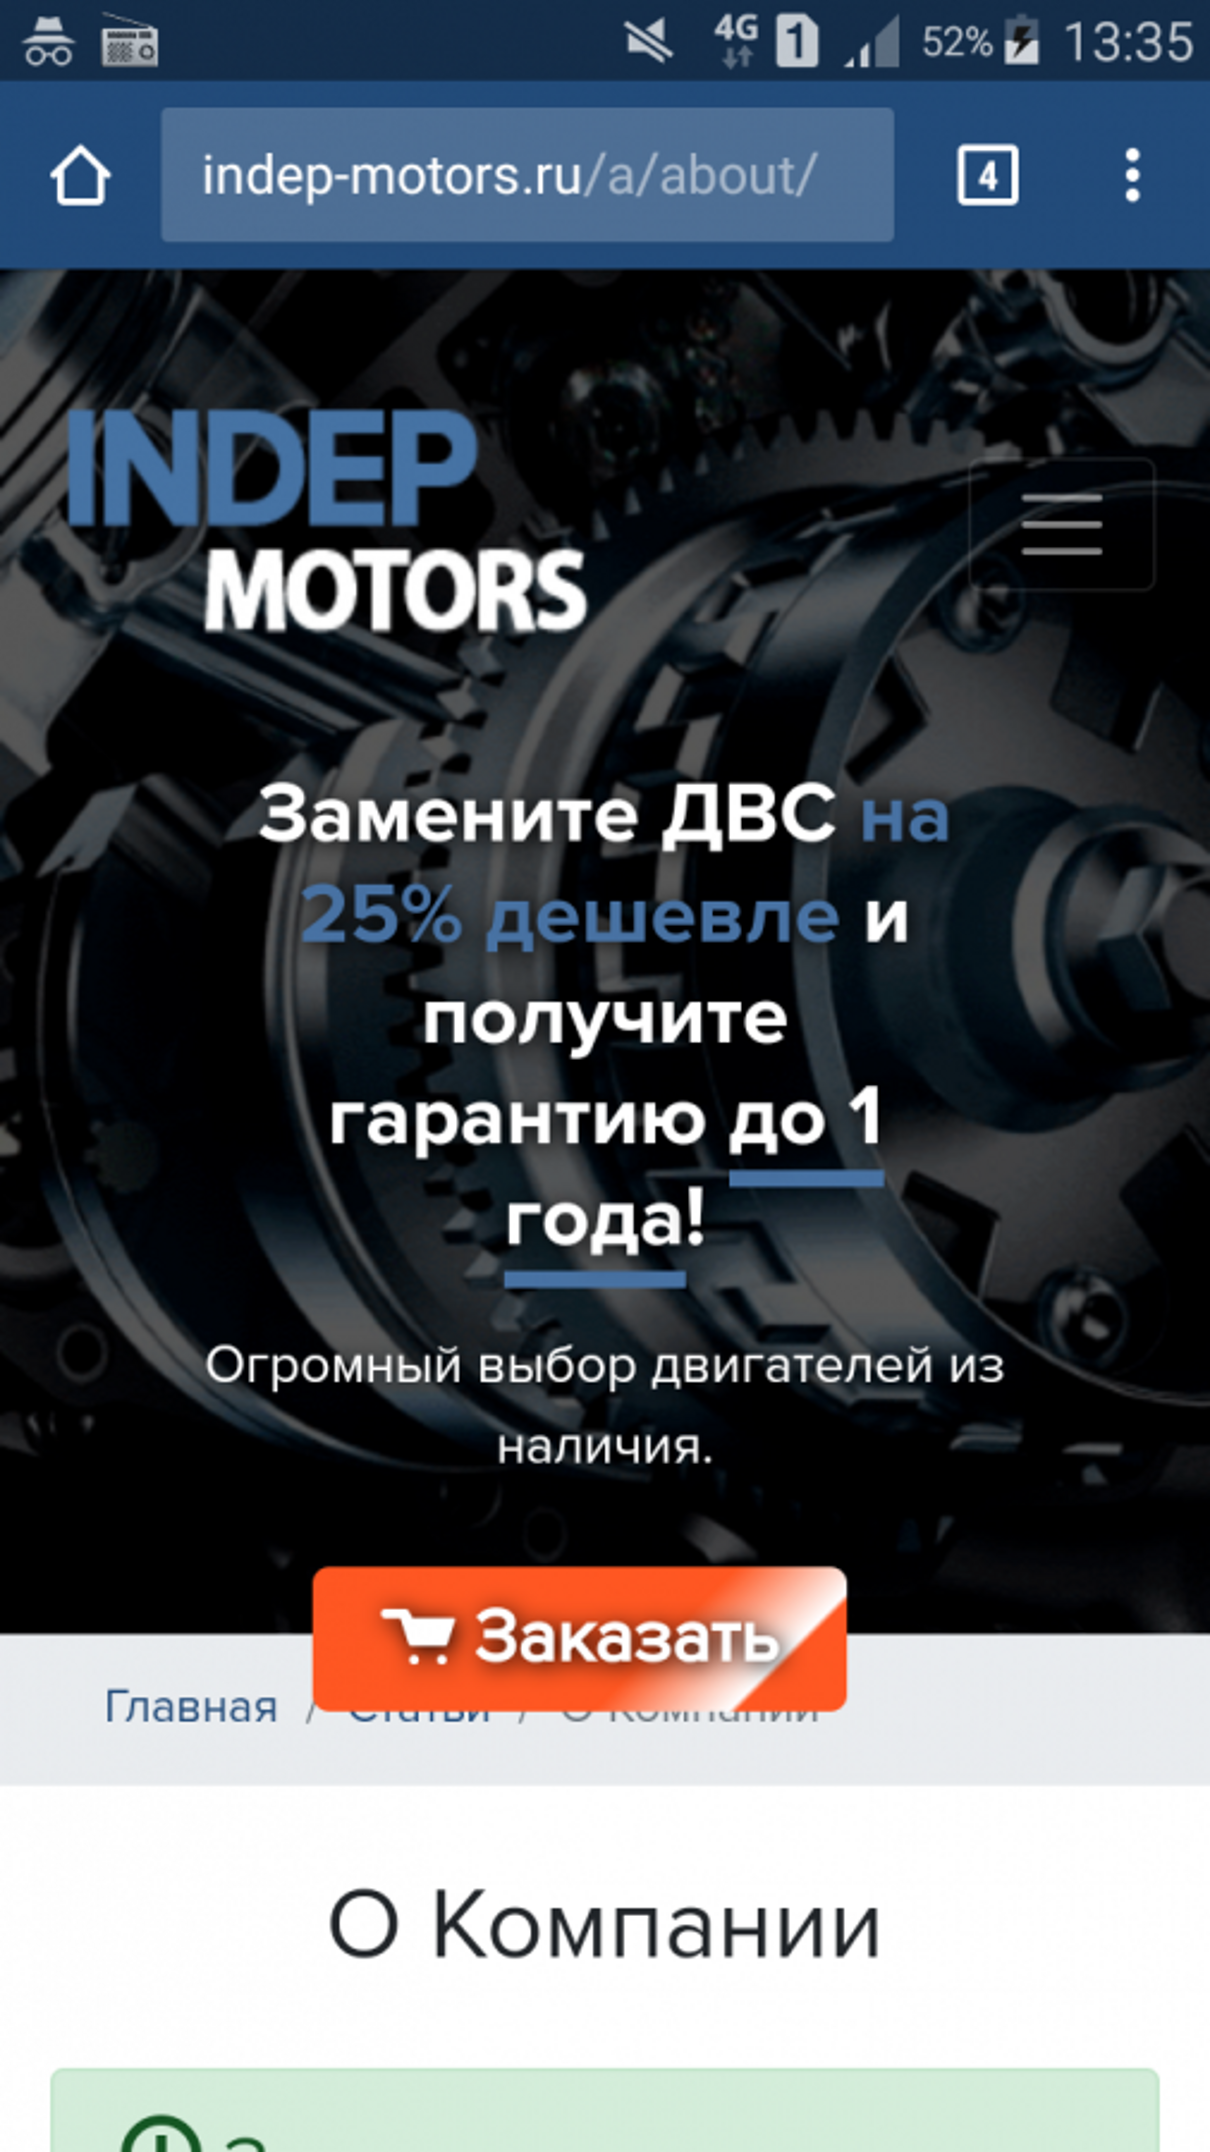 Жалоба-отзыв: ООО МОТО, INDEP-MOTORS - Мошенники по продаже двигателей.  Фото №1